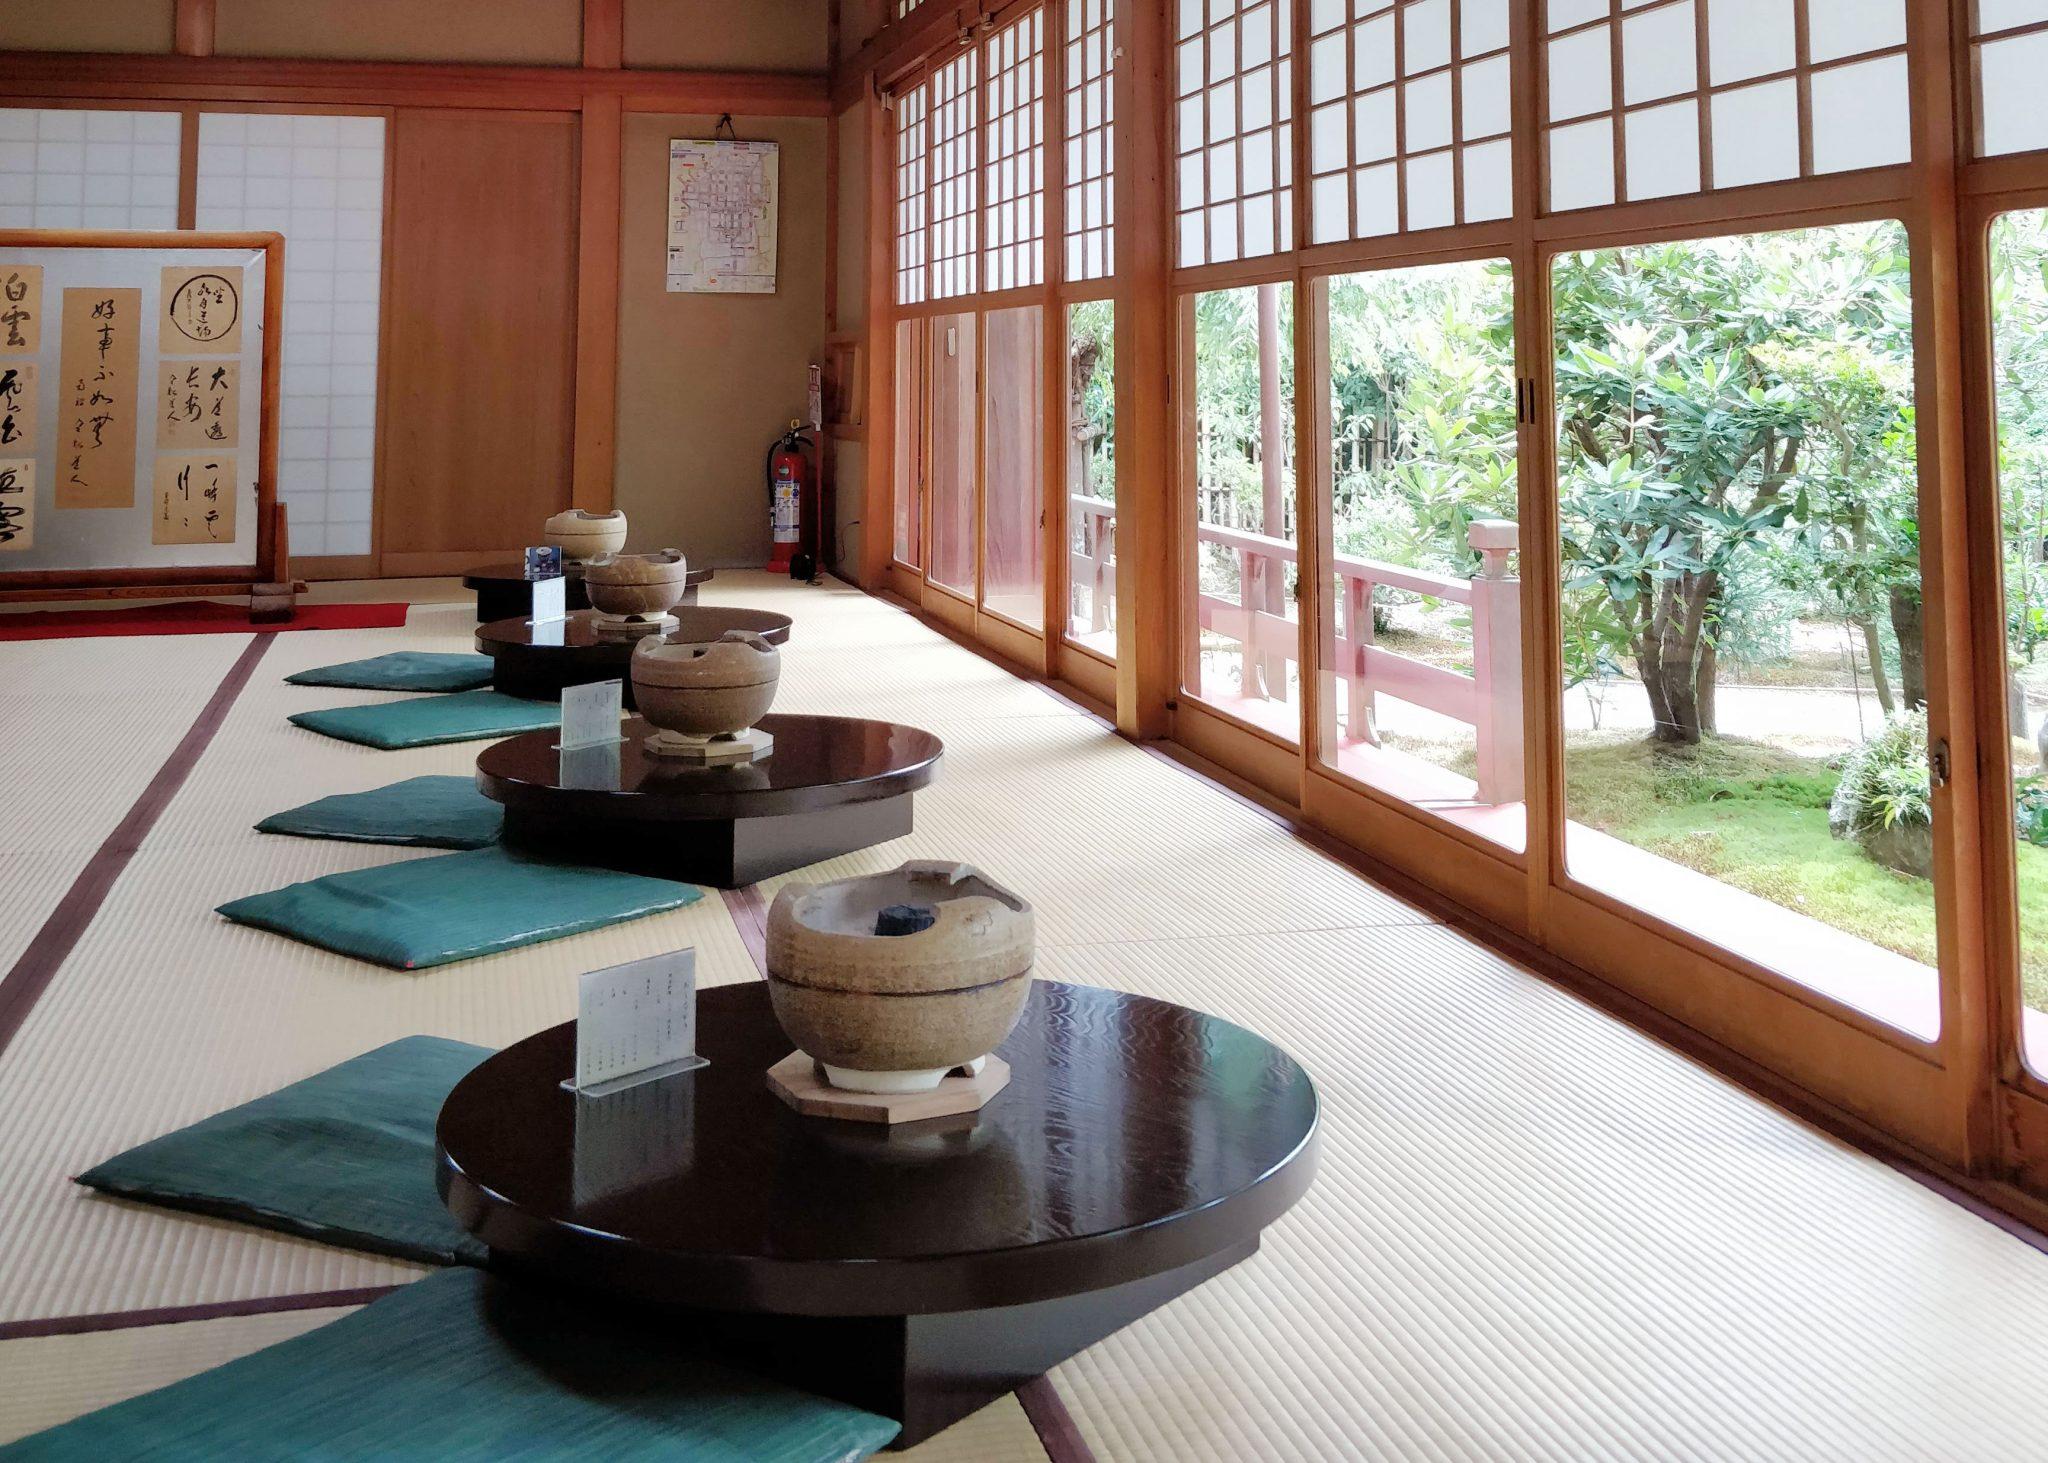 japanilainen ravintola, tatamilattiat ja matalia pyöreitä pöytiä